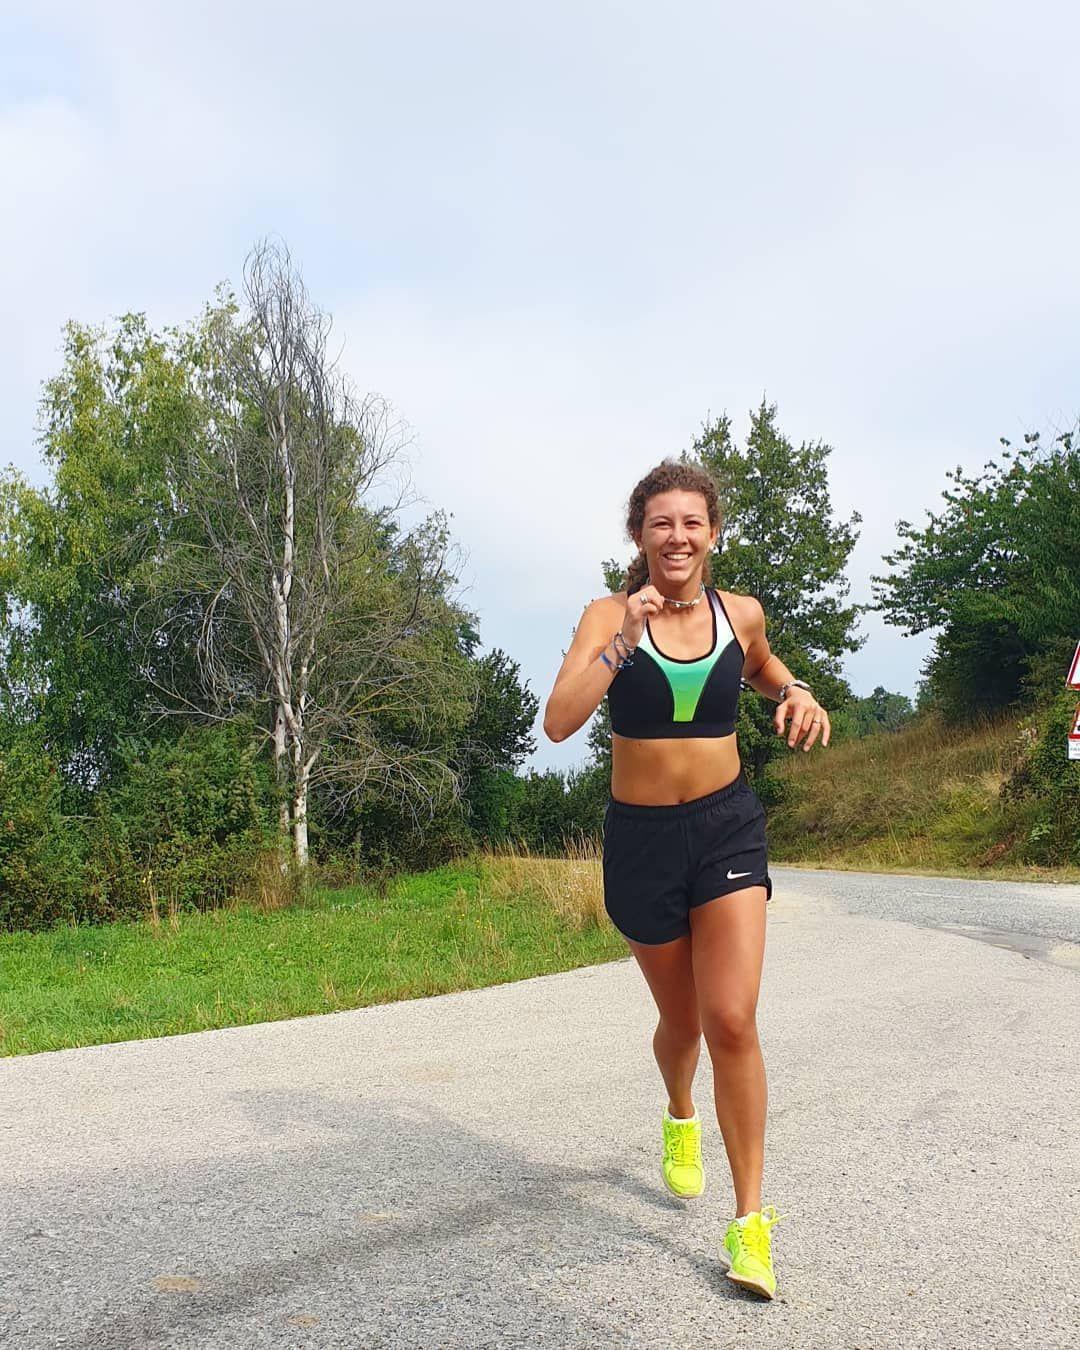 L'importante è divertirsi sempre di ciò che si fa!  #run #runner #running #fit #ru...